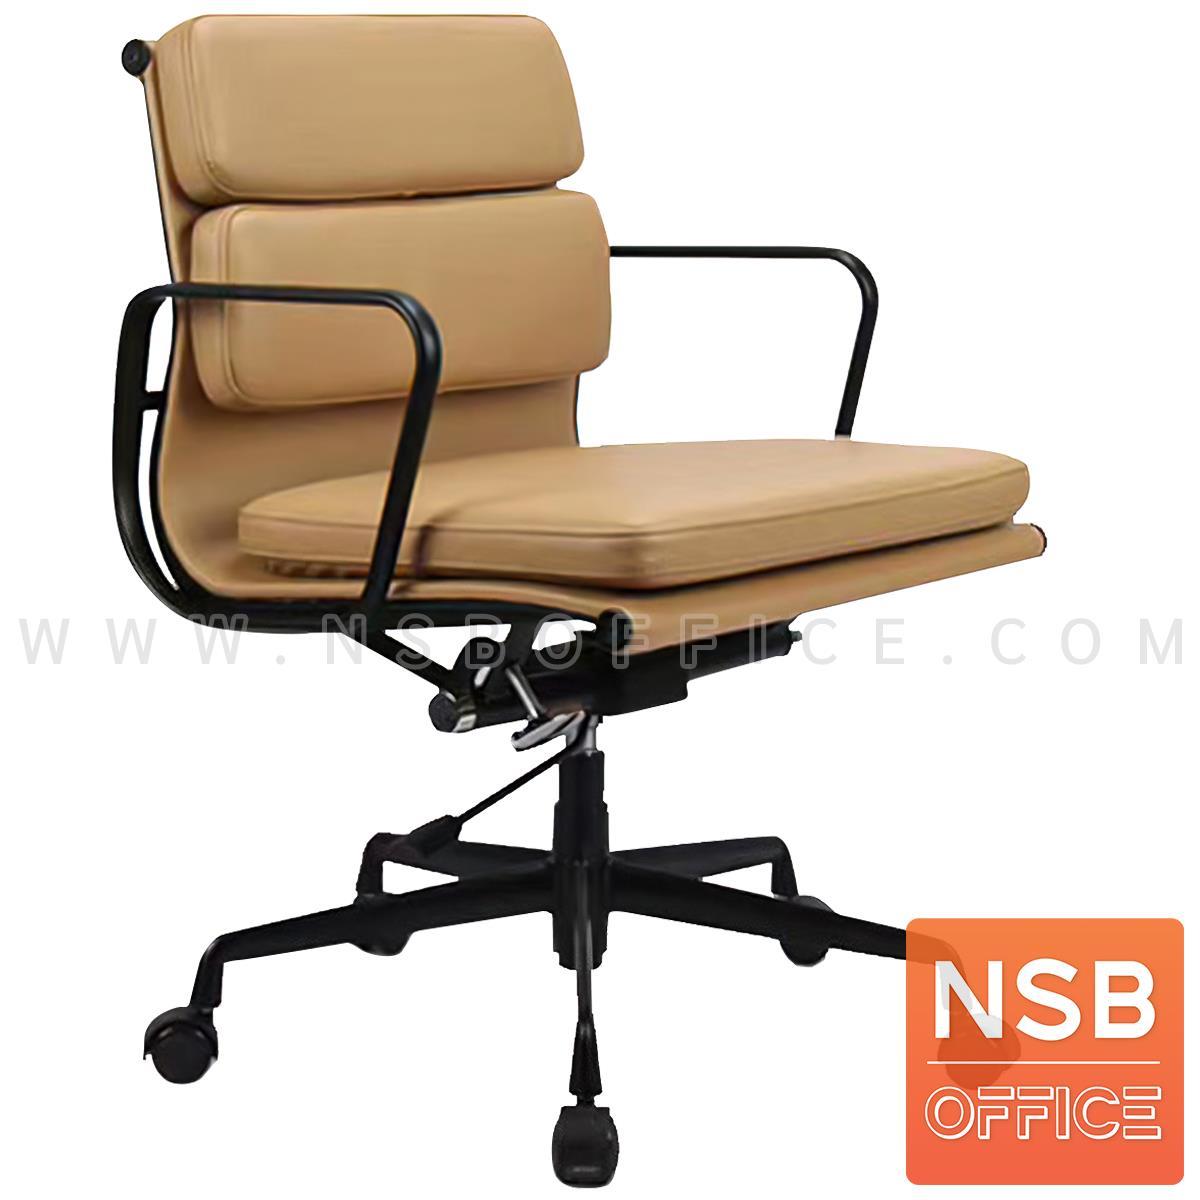 B03A505:เก้าอี้สำนักงาน รุ่น Solomon (ซาโลมอน)  โครงขาเหล็ก